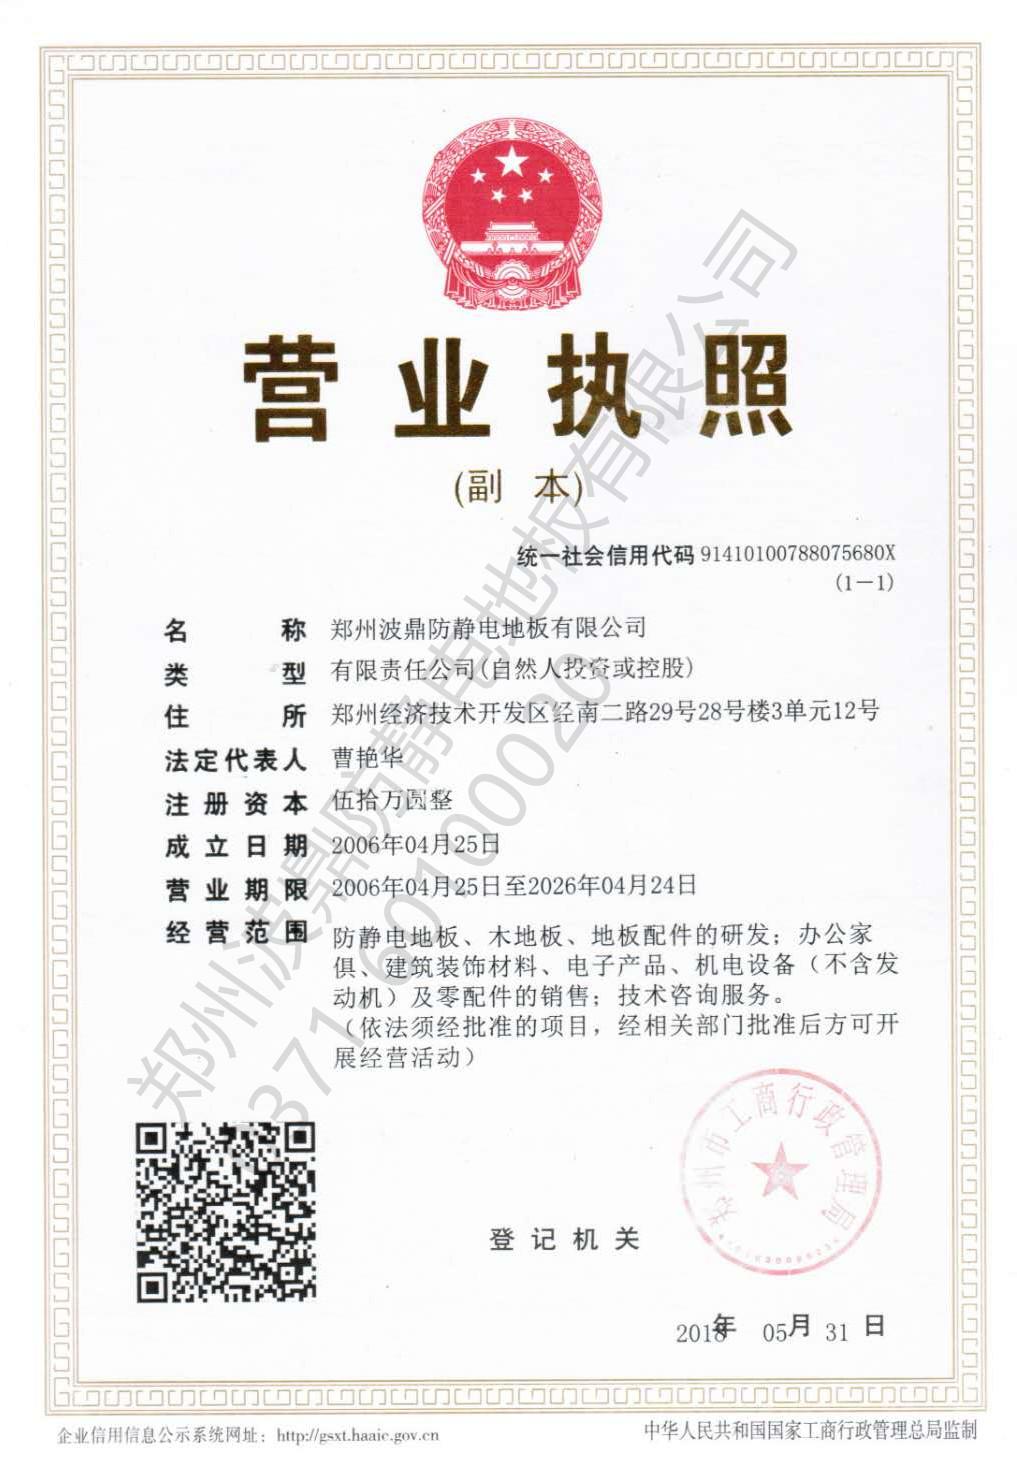 波鼎米乐体育官网app 下载m6米乐棋牌